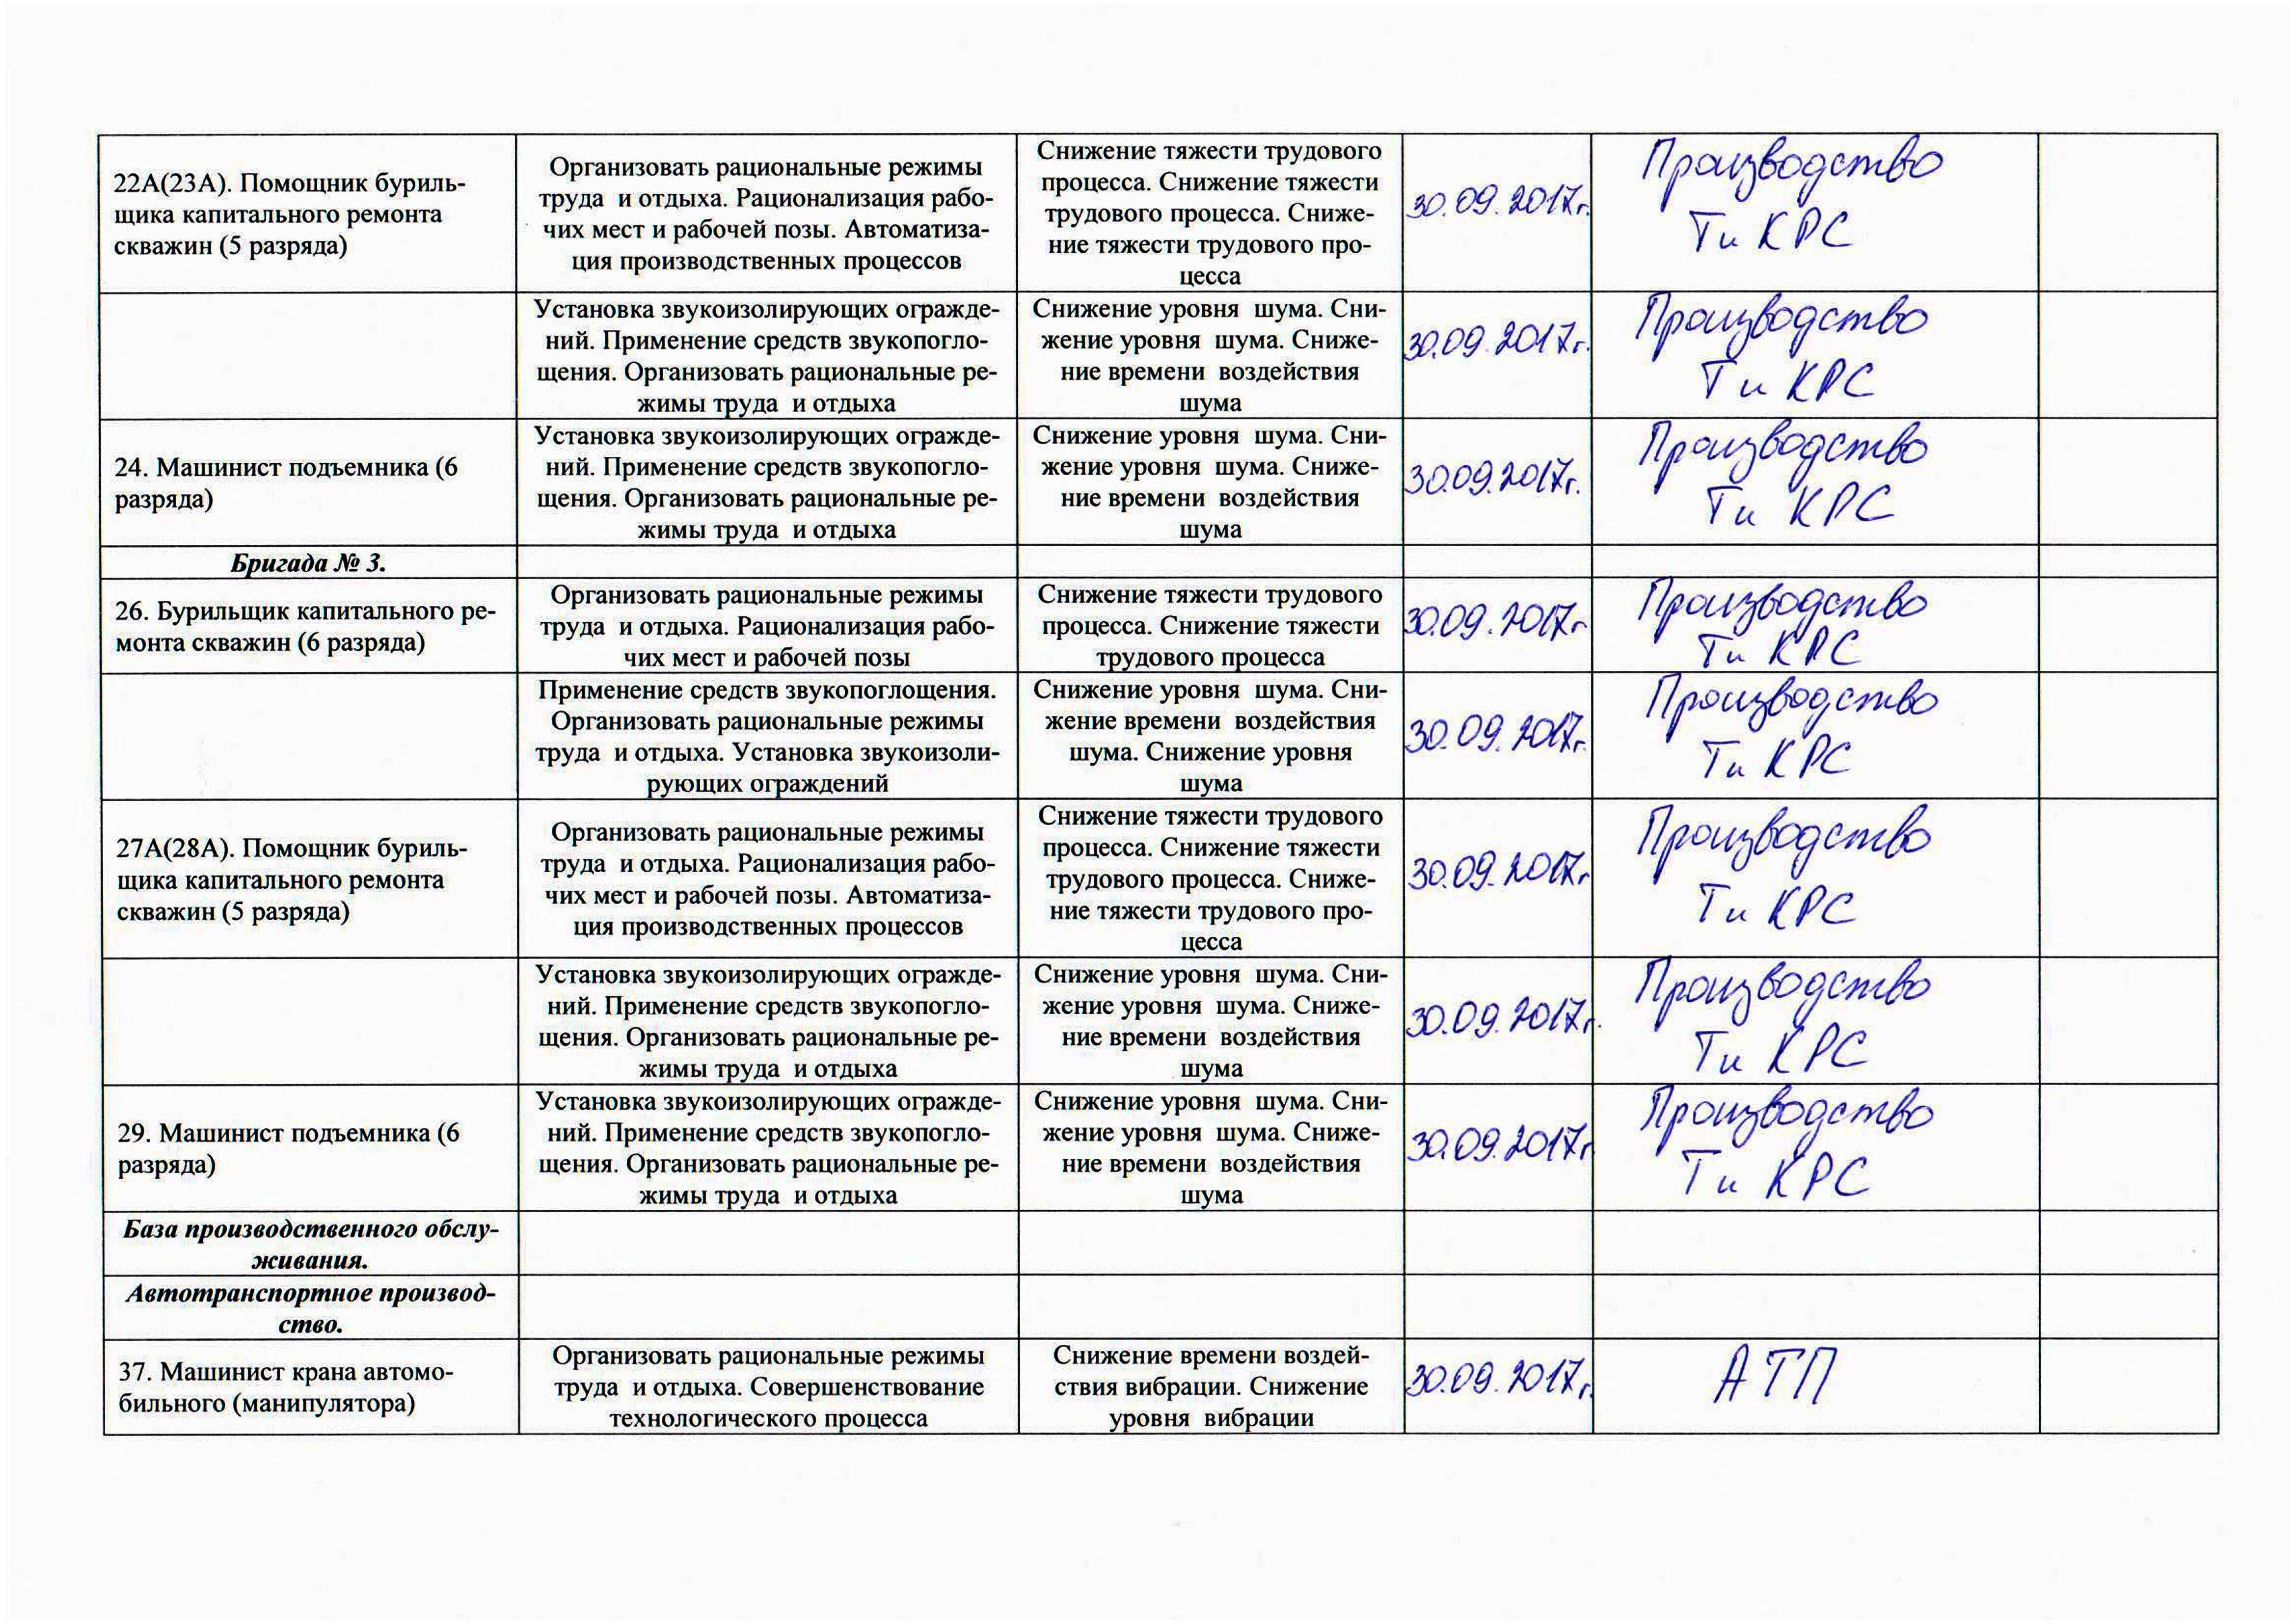 Мероприятия по улучшению условий труда ООО КС_Страница_2